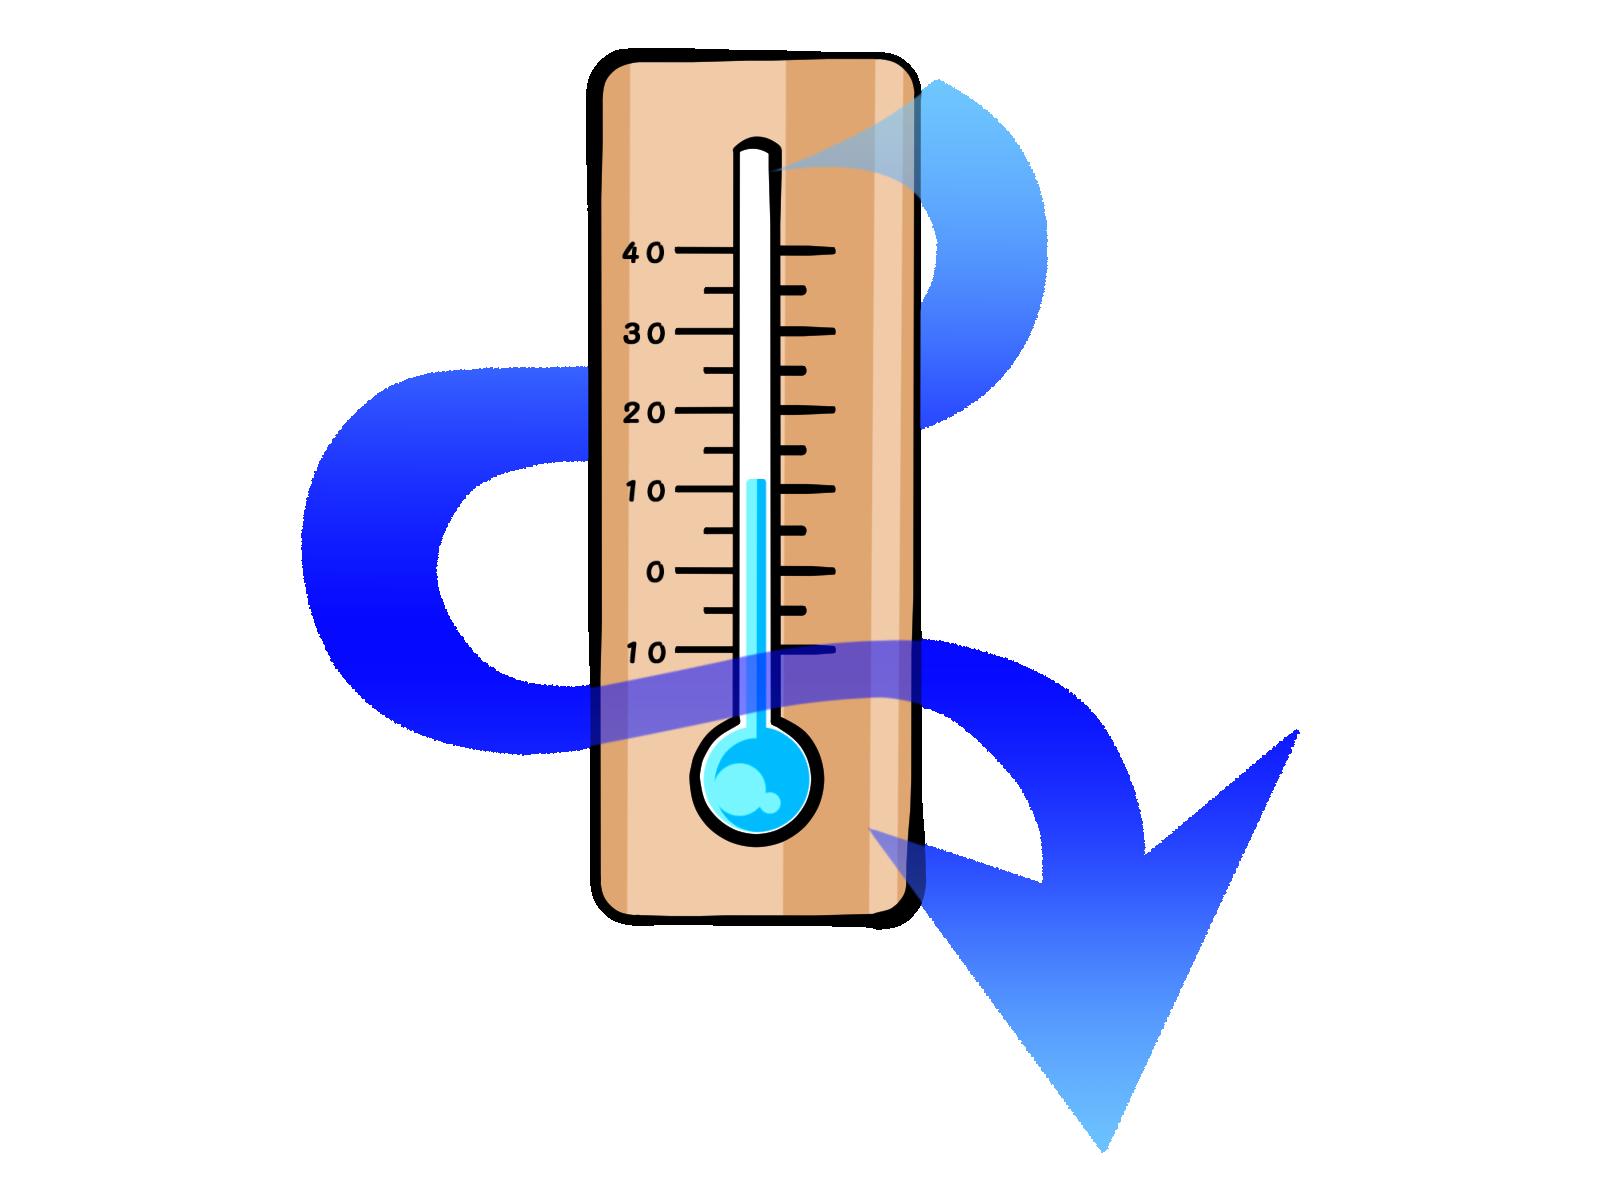 冬期の気温変化は、高齢者の呼吸器疾患による入院リスクを高める